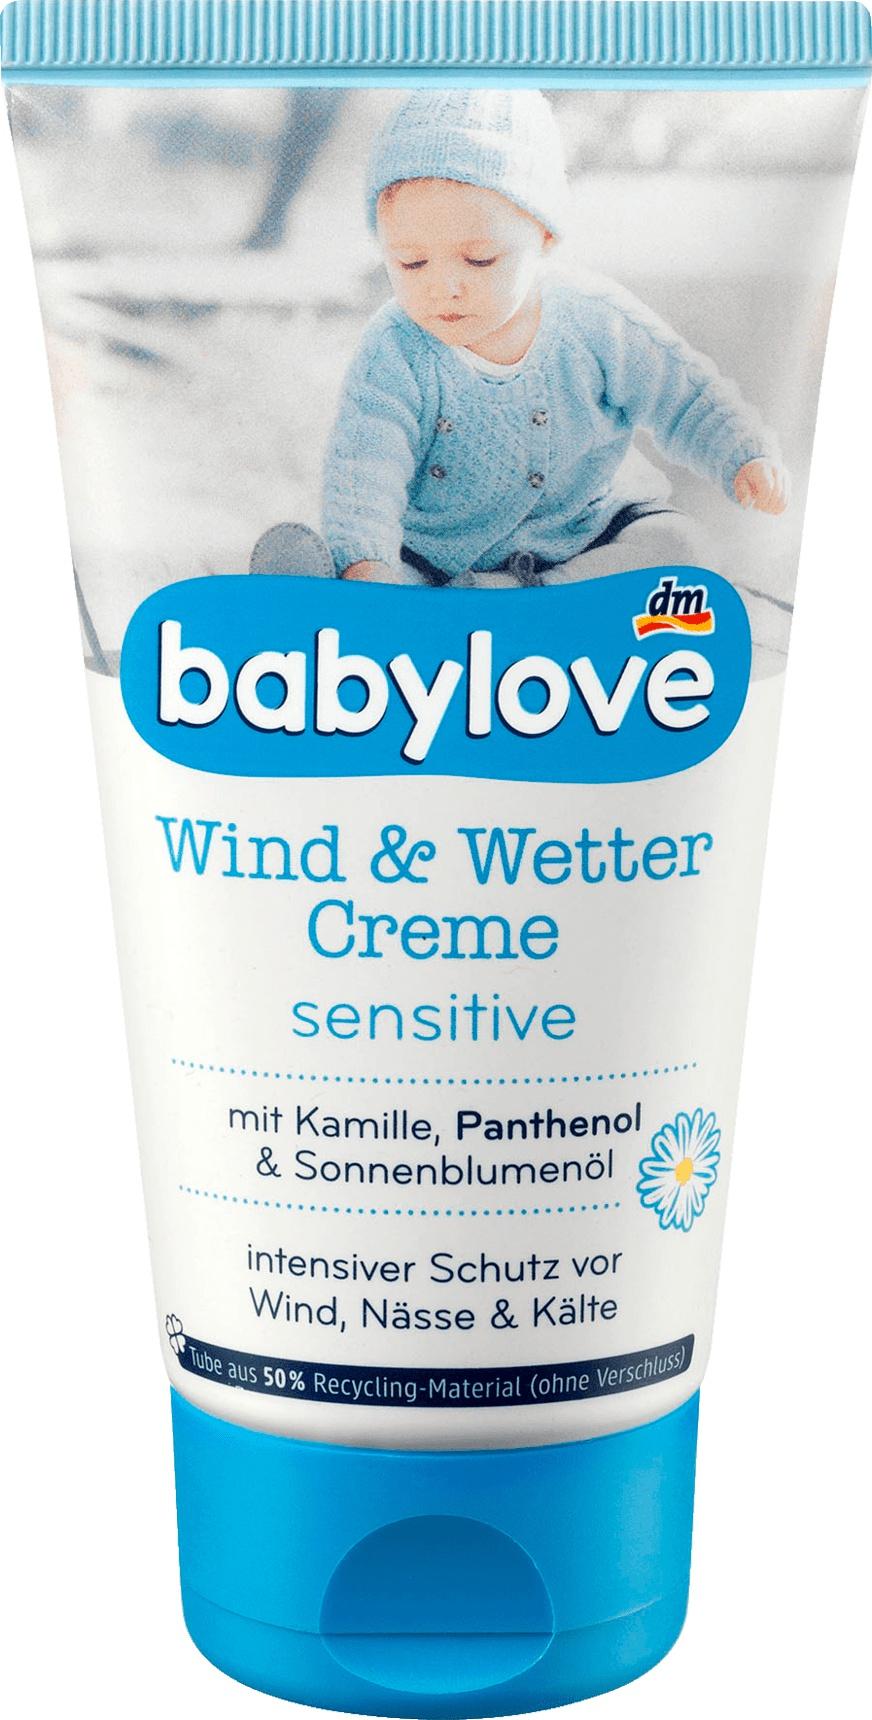 Babylove Wind Und Wetter Creme